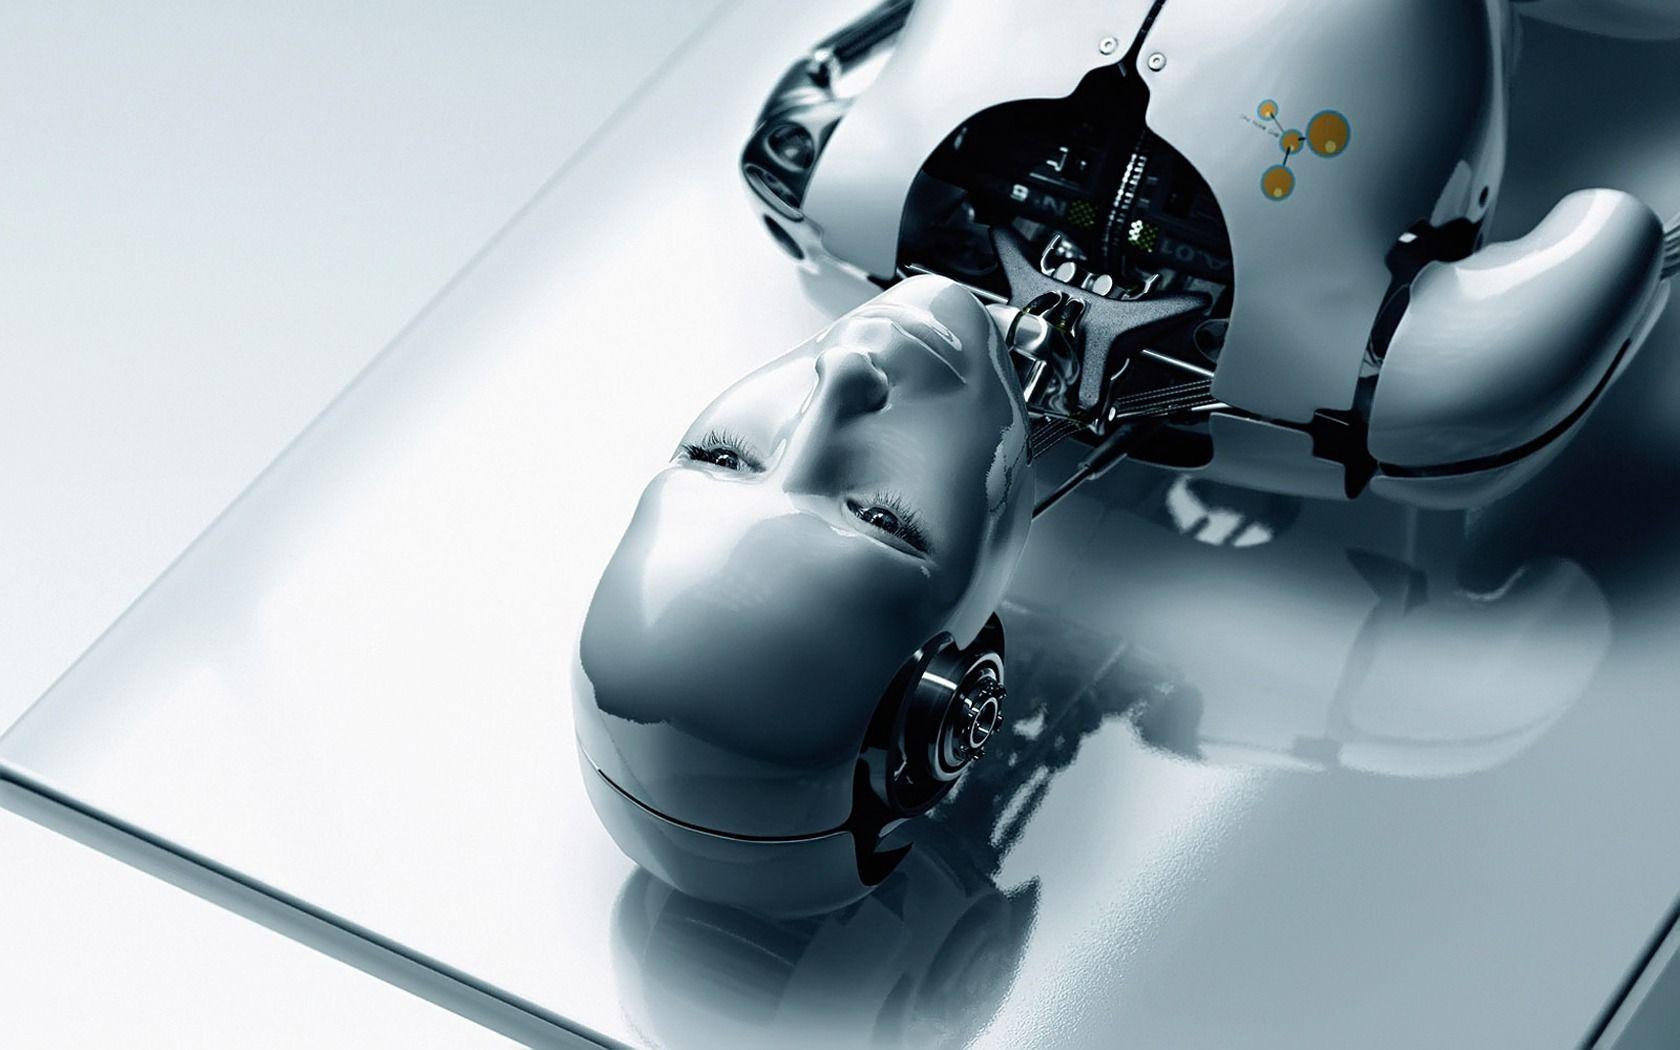 3d Human Robot Hd Wallpaper Hd Wallpaper Pinterest Robot